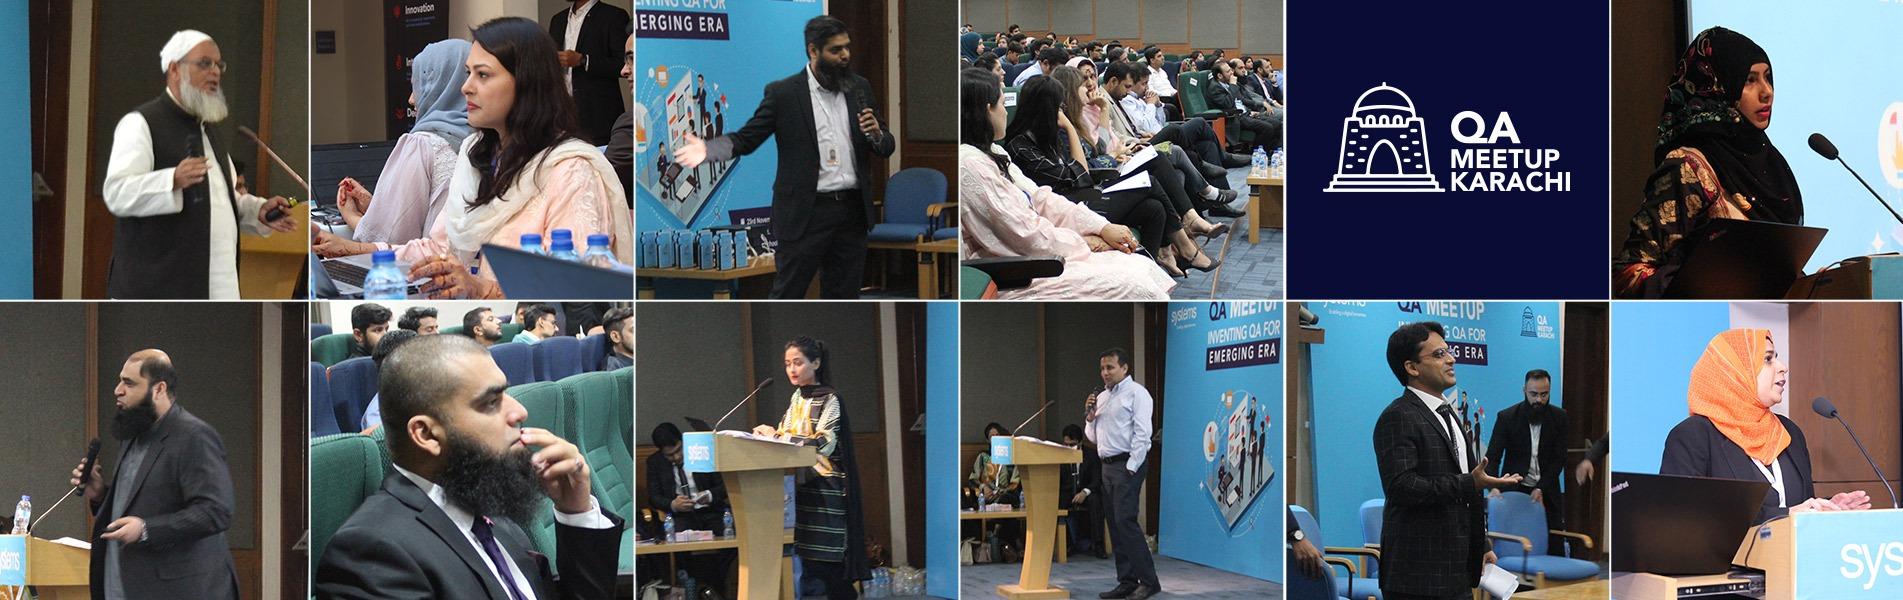 QA Meetup Karachi